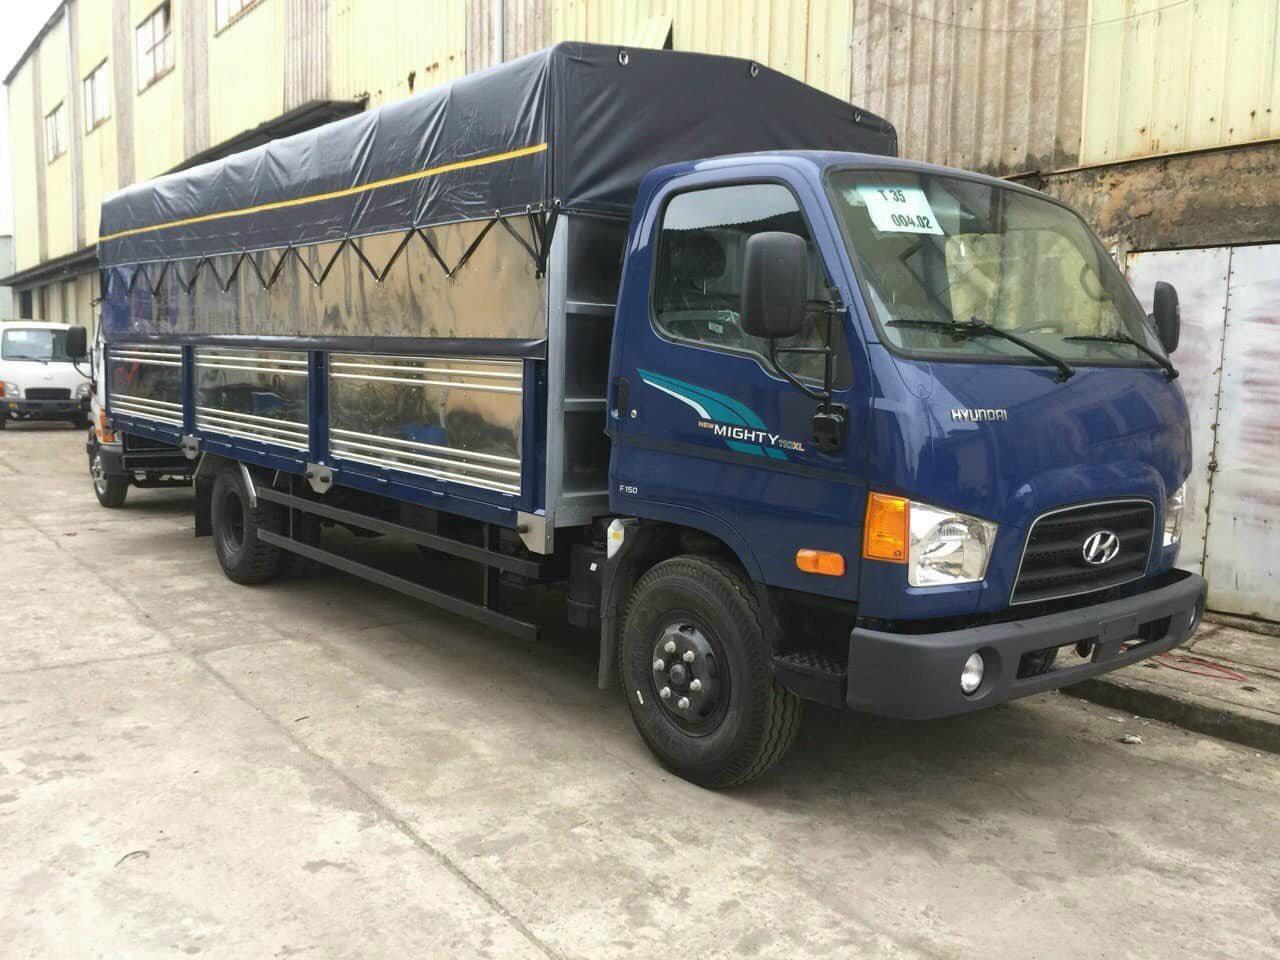 Bán xe tải Hyundai 110XL tại Vĩnh Phúc